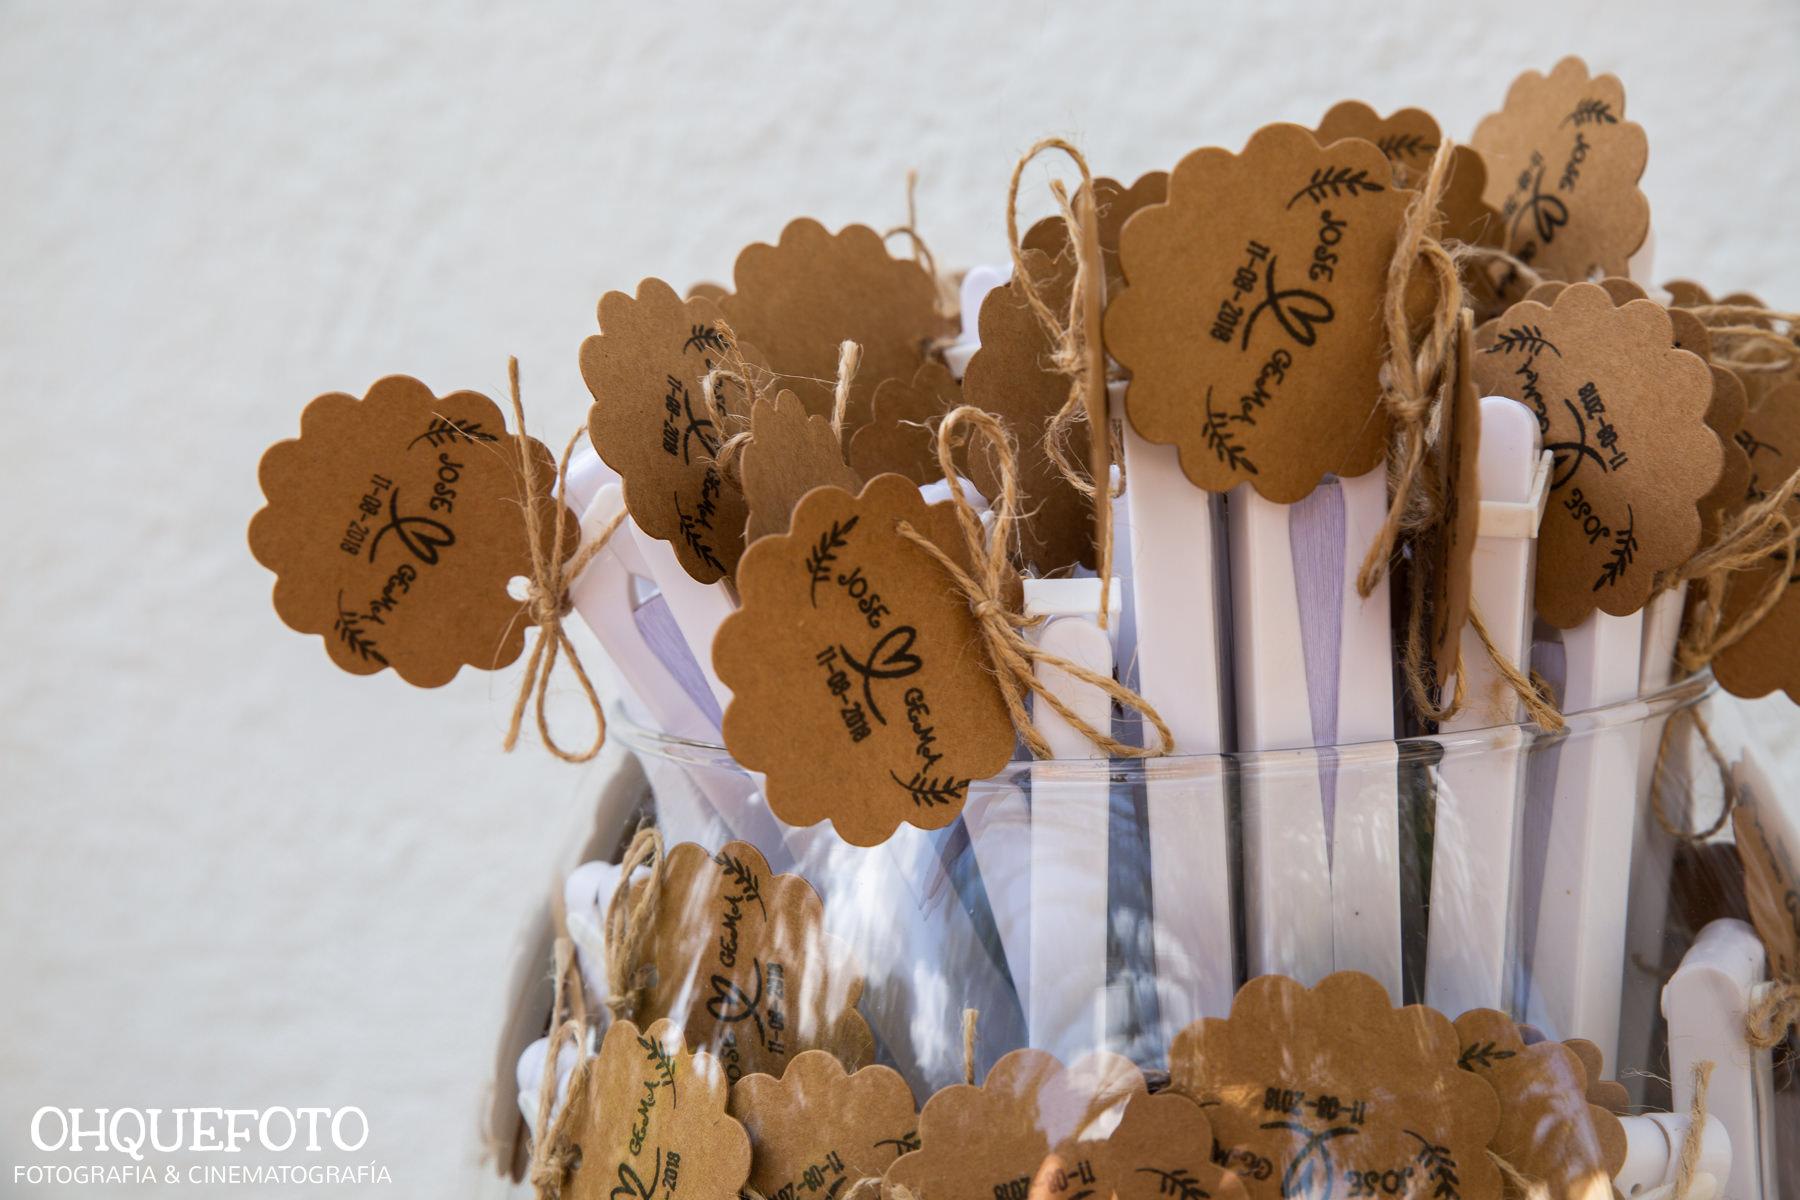 boda en la peraleda boda en cabeza del buey boda en capilla reportaje de bodas en almaden video de bodas en cordoba440 - Jose y Gema - Boda en Zarza Capilla y la Finca La Peraleda (Chillón)